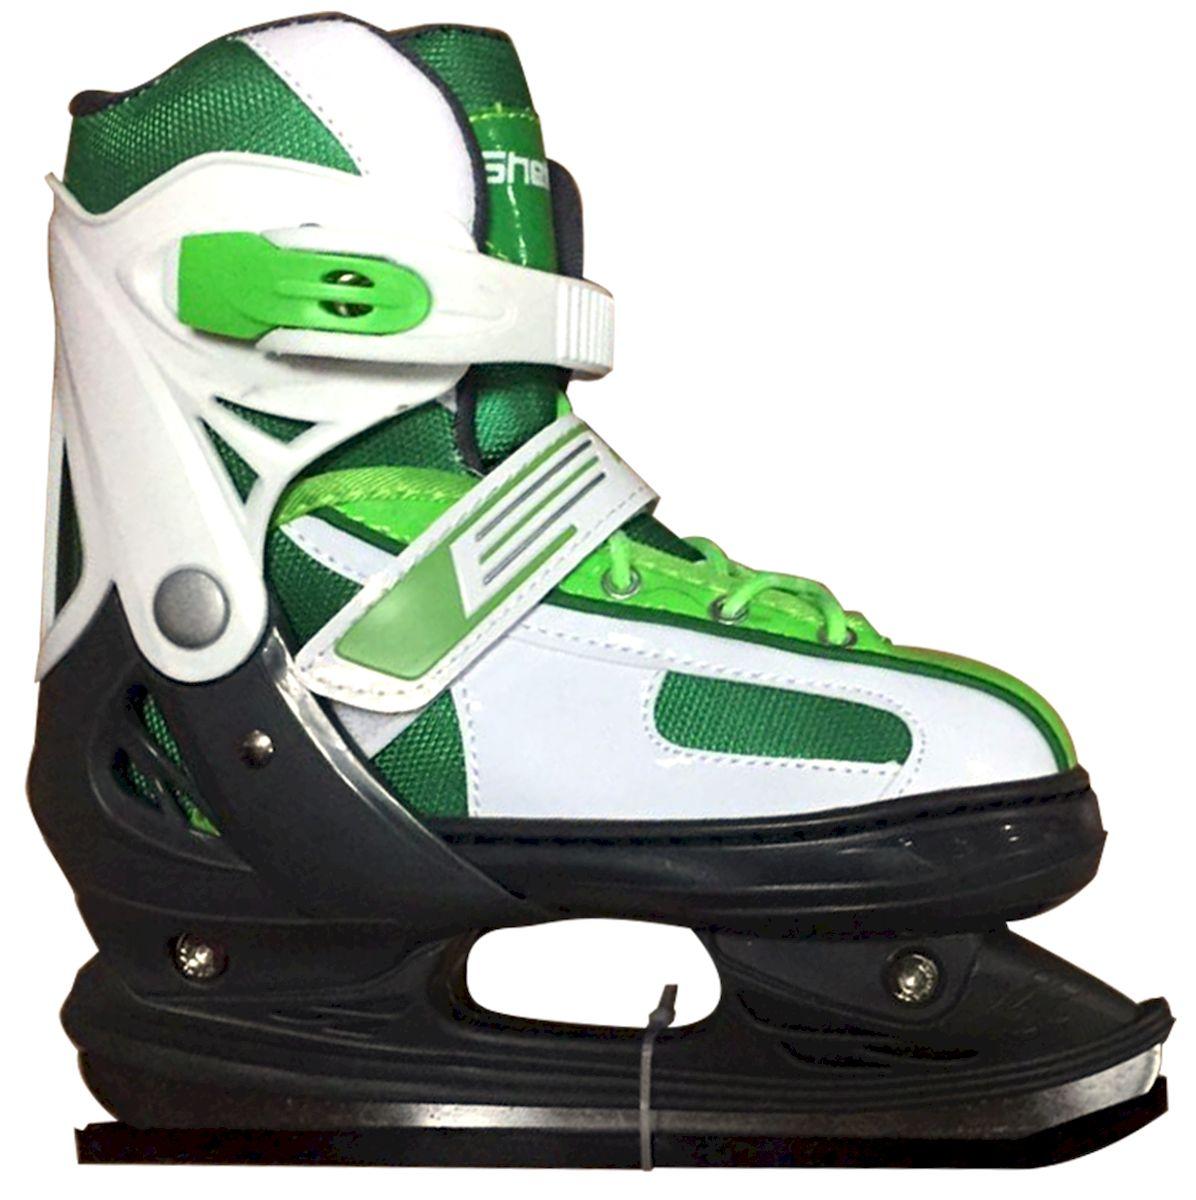 Коньки ледовые Ice Blade Shelby, раздвижные, цвет: черный, зеленый, белый. УТ-00009127. Размер M (34/37)УТ-00009114Коньки раздвижные Shelby - это классические раздвижные коньки от известного бренда Ice Blade, которые предназначены для детей и подростков, а также для тех, кто делает первые шаги в катании на льду.Ботинок изготовлен из морозоустойчивого пластика. Внутренняя поверхность из мягкого и теплого текстиля обеспечивает комфорт во время движения. Лезвие выполнено из высокоуглеродистой стали с покрытием из никеля. Пластиковая клипса с фиксатором, хлястик на липучке и шнуровка надежно фиксируют голеностоп. Конструкция коньков позволяет быстро и точно изменять их размер. Яркий молодежный дизайн, теплый внутренний сапожок, удобная трехуровневая система фиксации ноги, легкая смена размера, надежная защита пятки и носка - все это бесспорные преимущества модели. Коньки поставляются с заводской заточкой лезвия, что позволяет сразу приступить к катанию и не тратить денег на заточку. Предназначены для использования на открытом и закрытом льду.